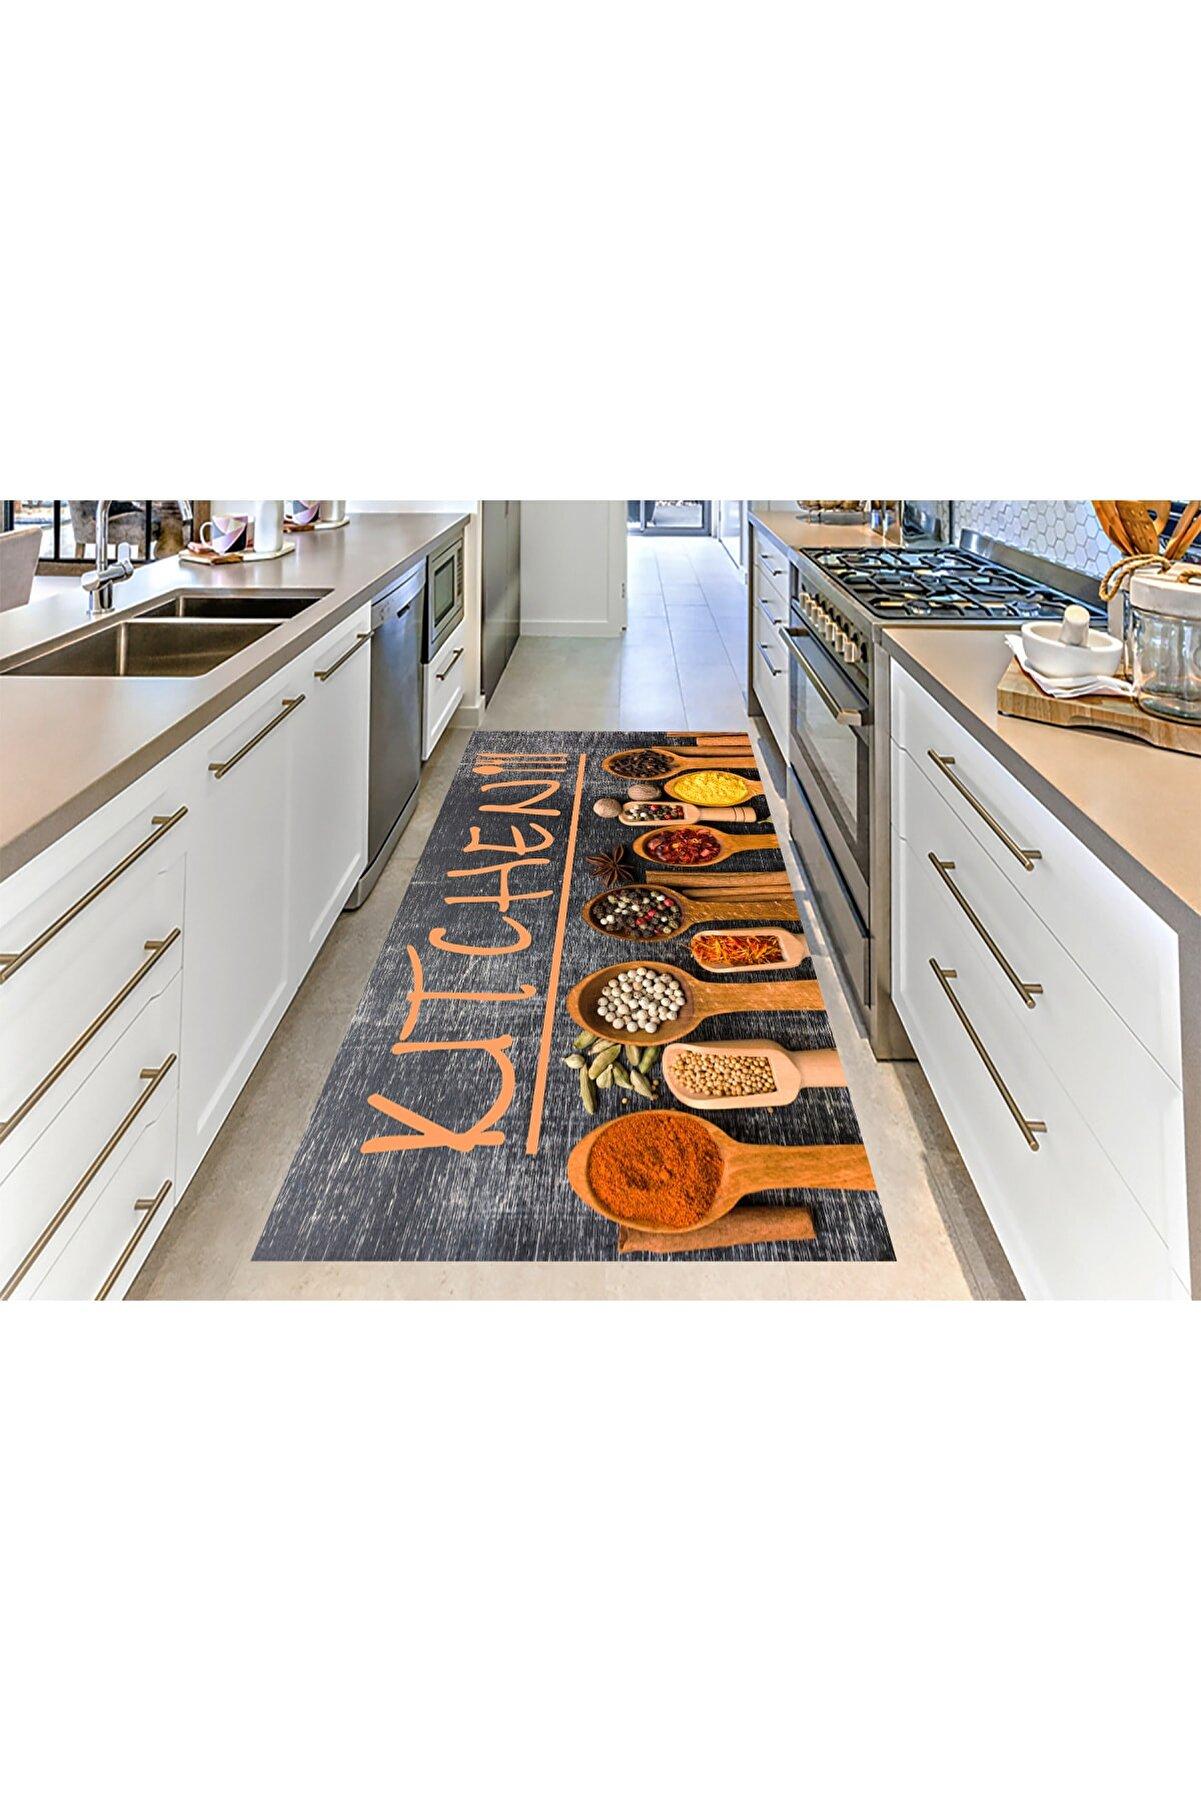 CARİA HOME Gri Zemin Turuncu Mutfak Simgeleri Desenli Mutfak Halısı